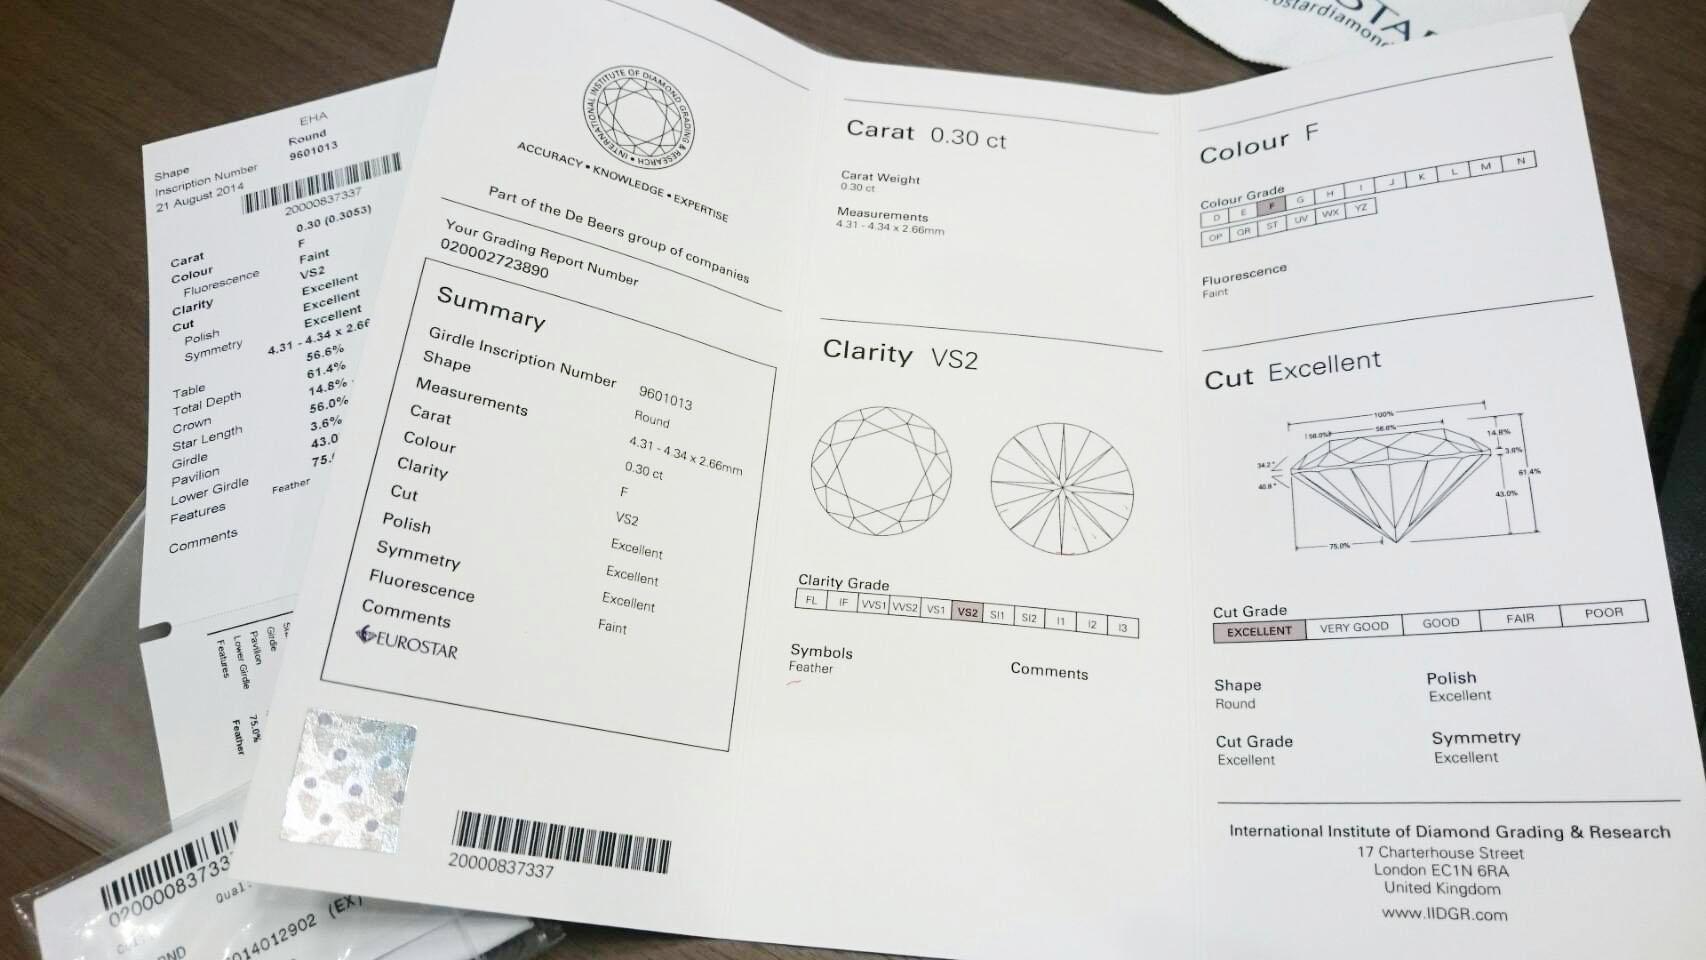 IIDGRダイヤモンドグレーディングレポートインスクリプション